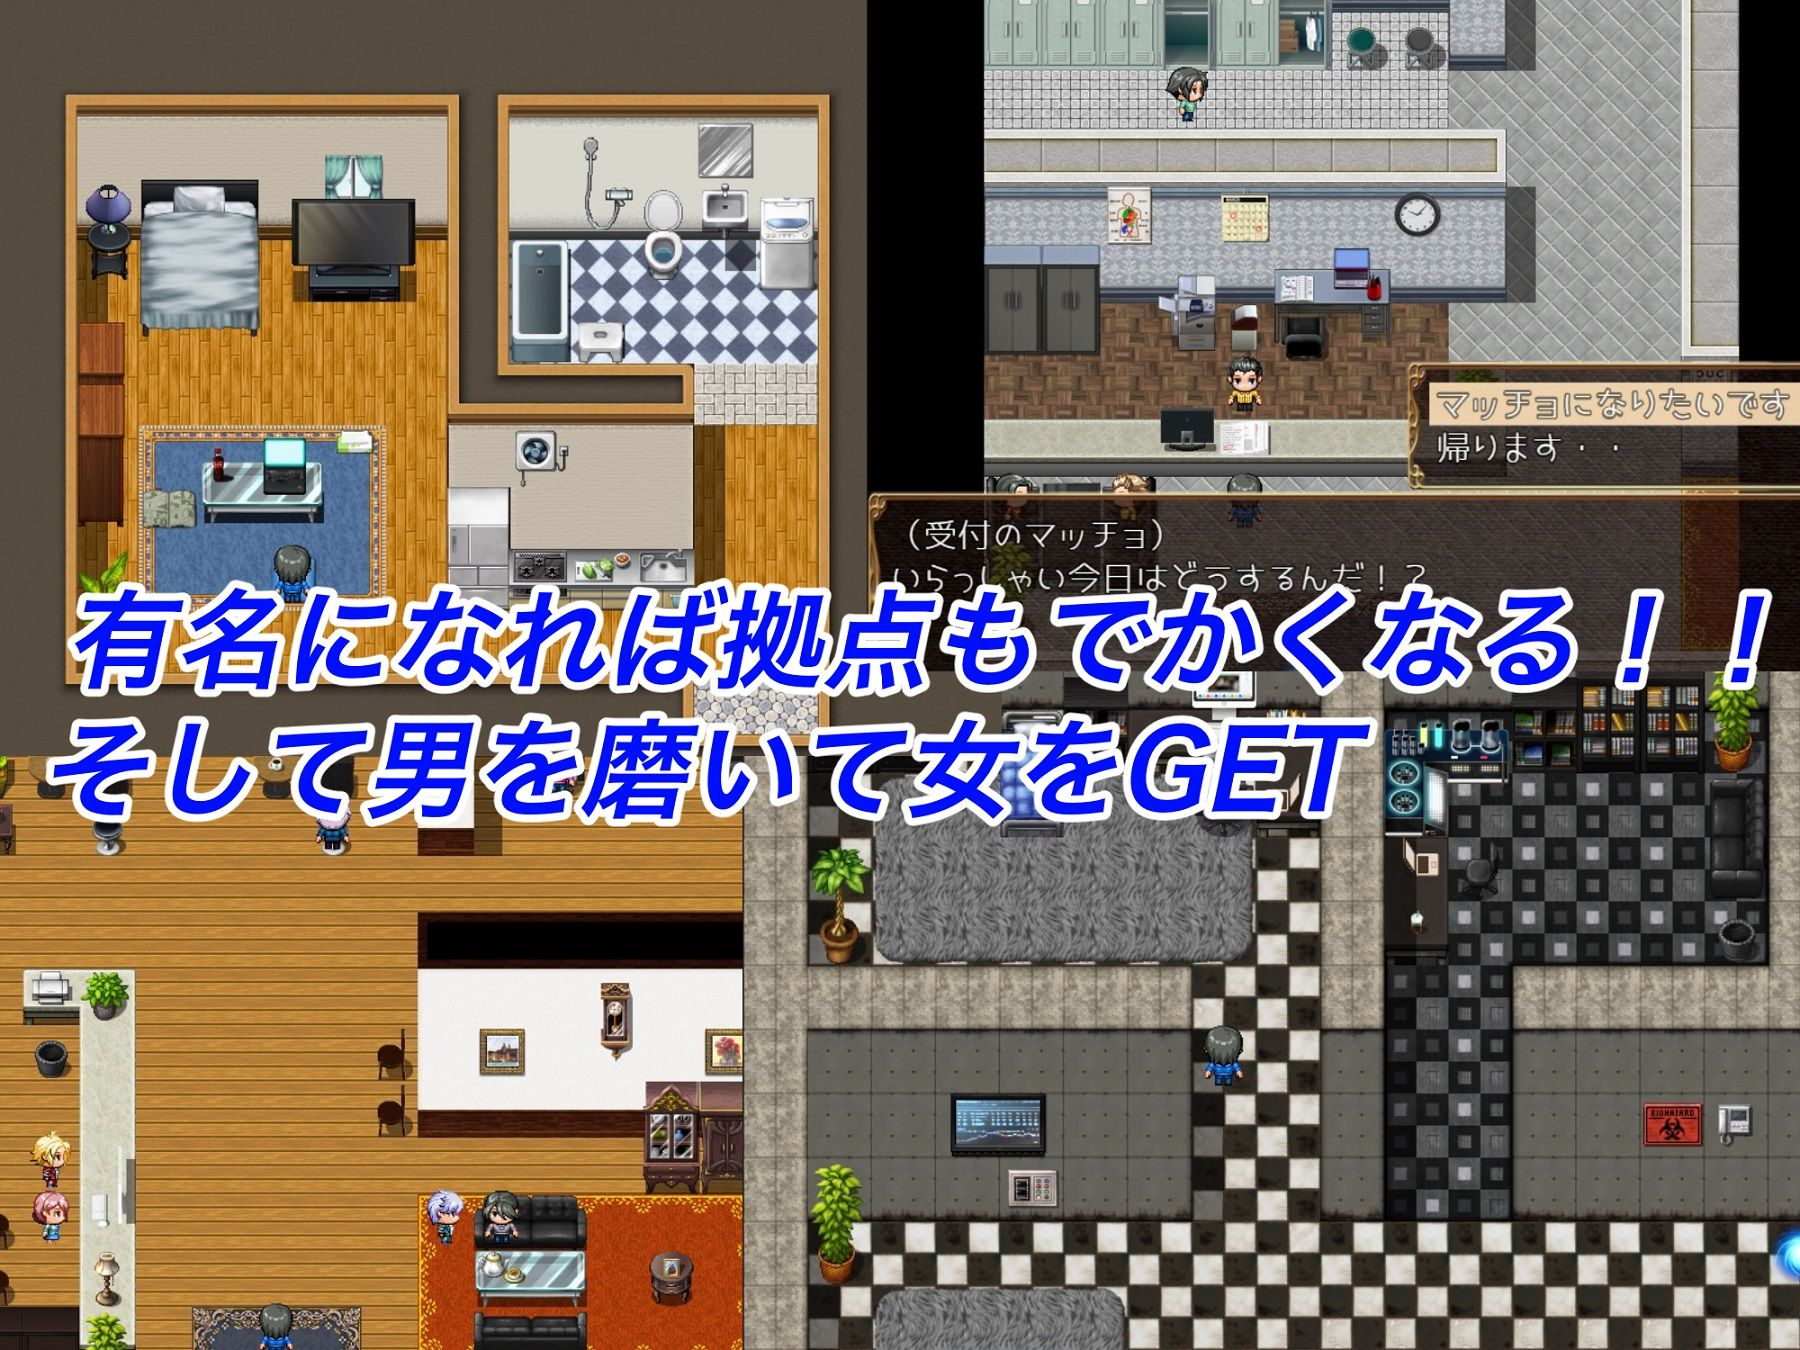 サンプル画像4:インターネットの狩人〜純愛NTR物語〜(たぬきハウス) [d_188490]